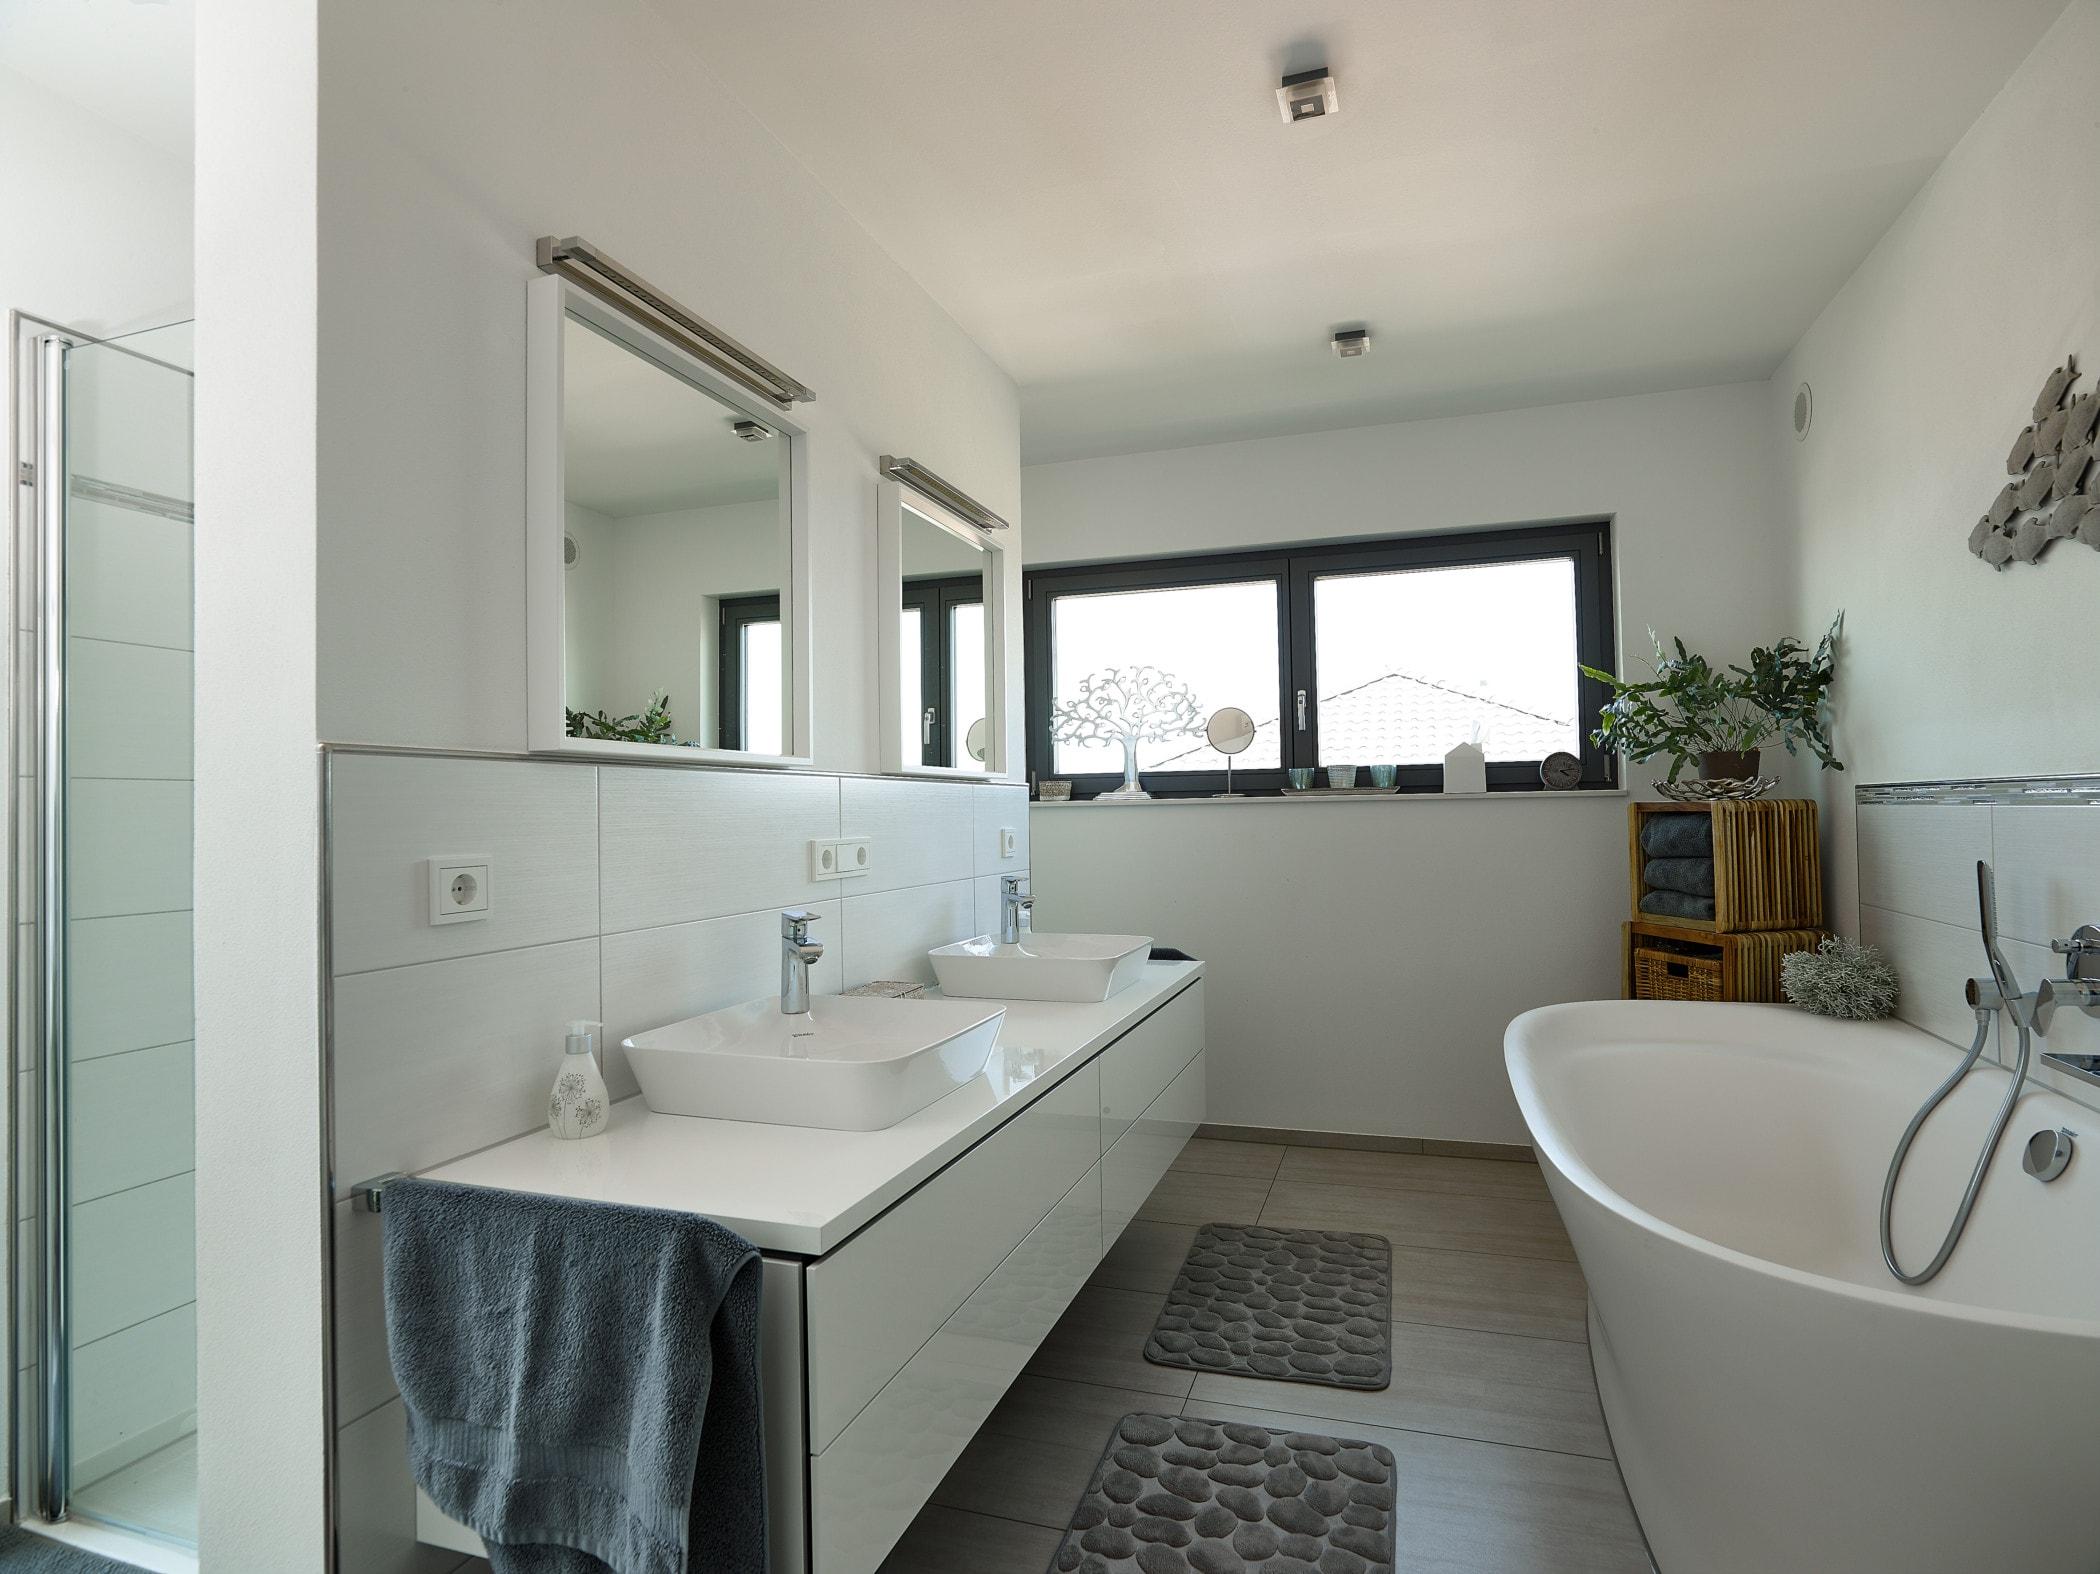 Badezimmer mit Raumteiler gemauert - Inneneinrichtung Ideen Fertighaus Bungalow Madeira von GUSSEK HAUS - HausbauDirekt.de